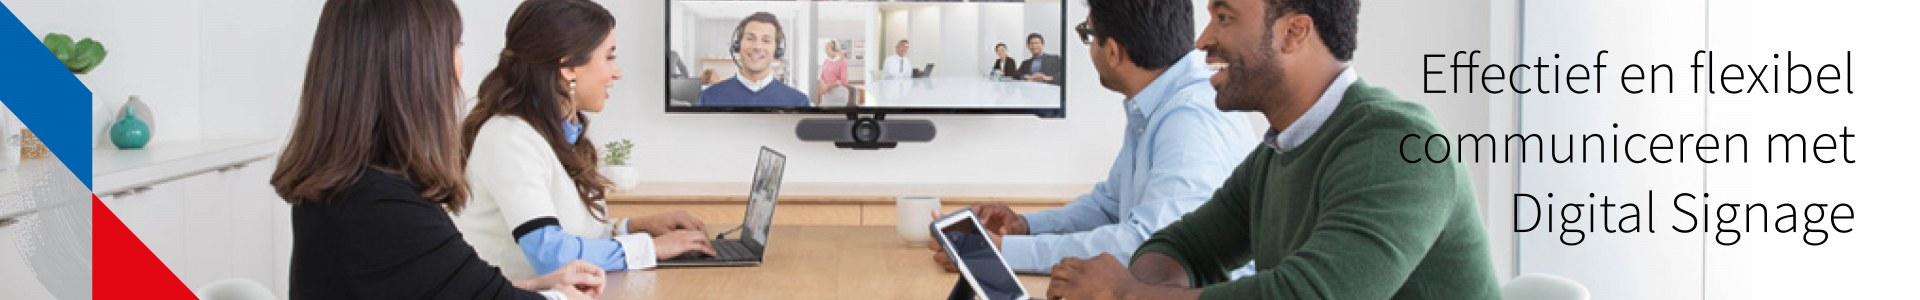 Digital Signage, Narrow casting specifiek voor kantooromgevingen